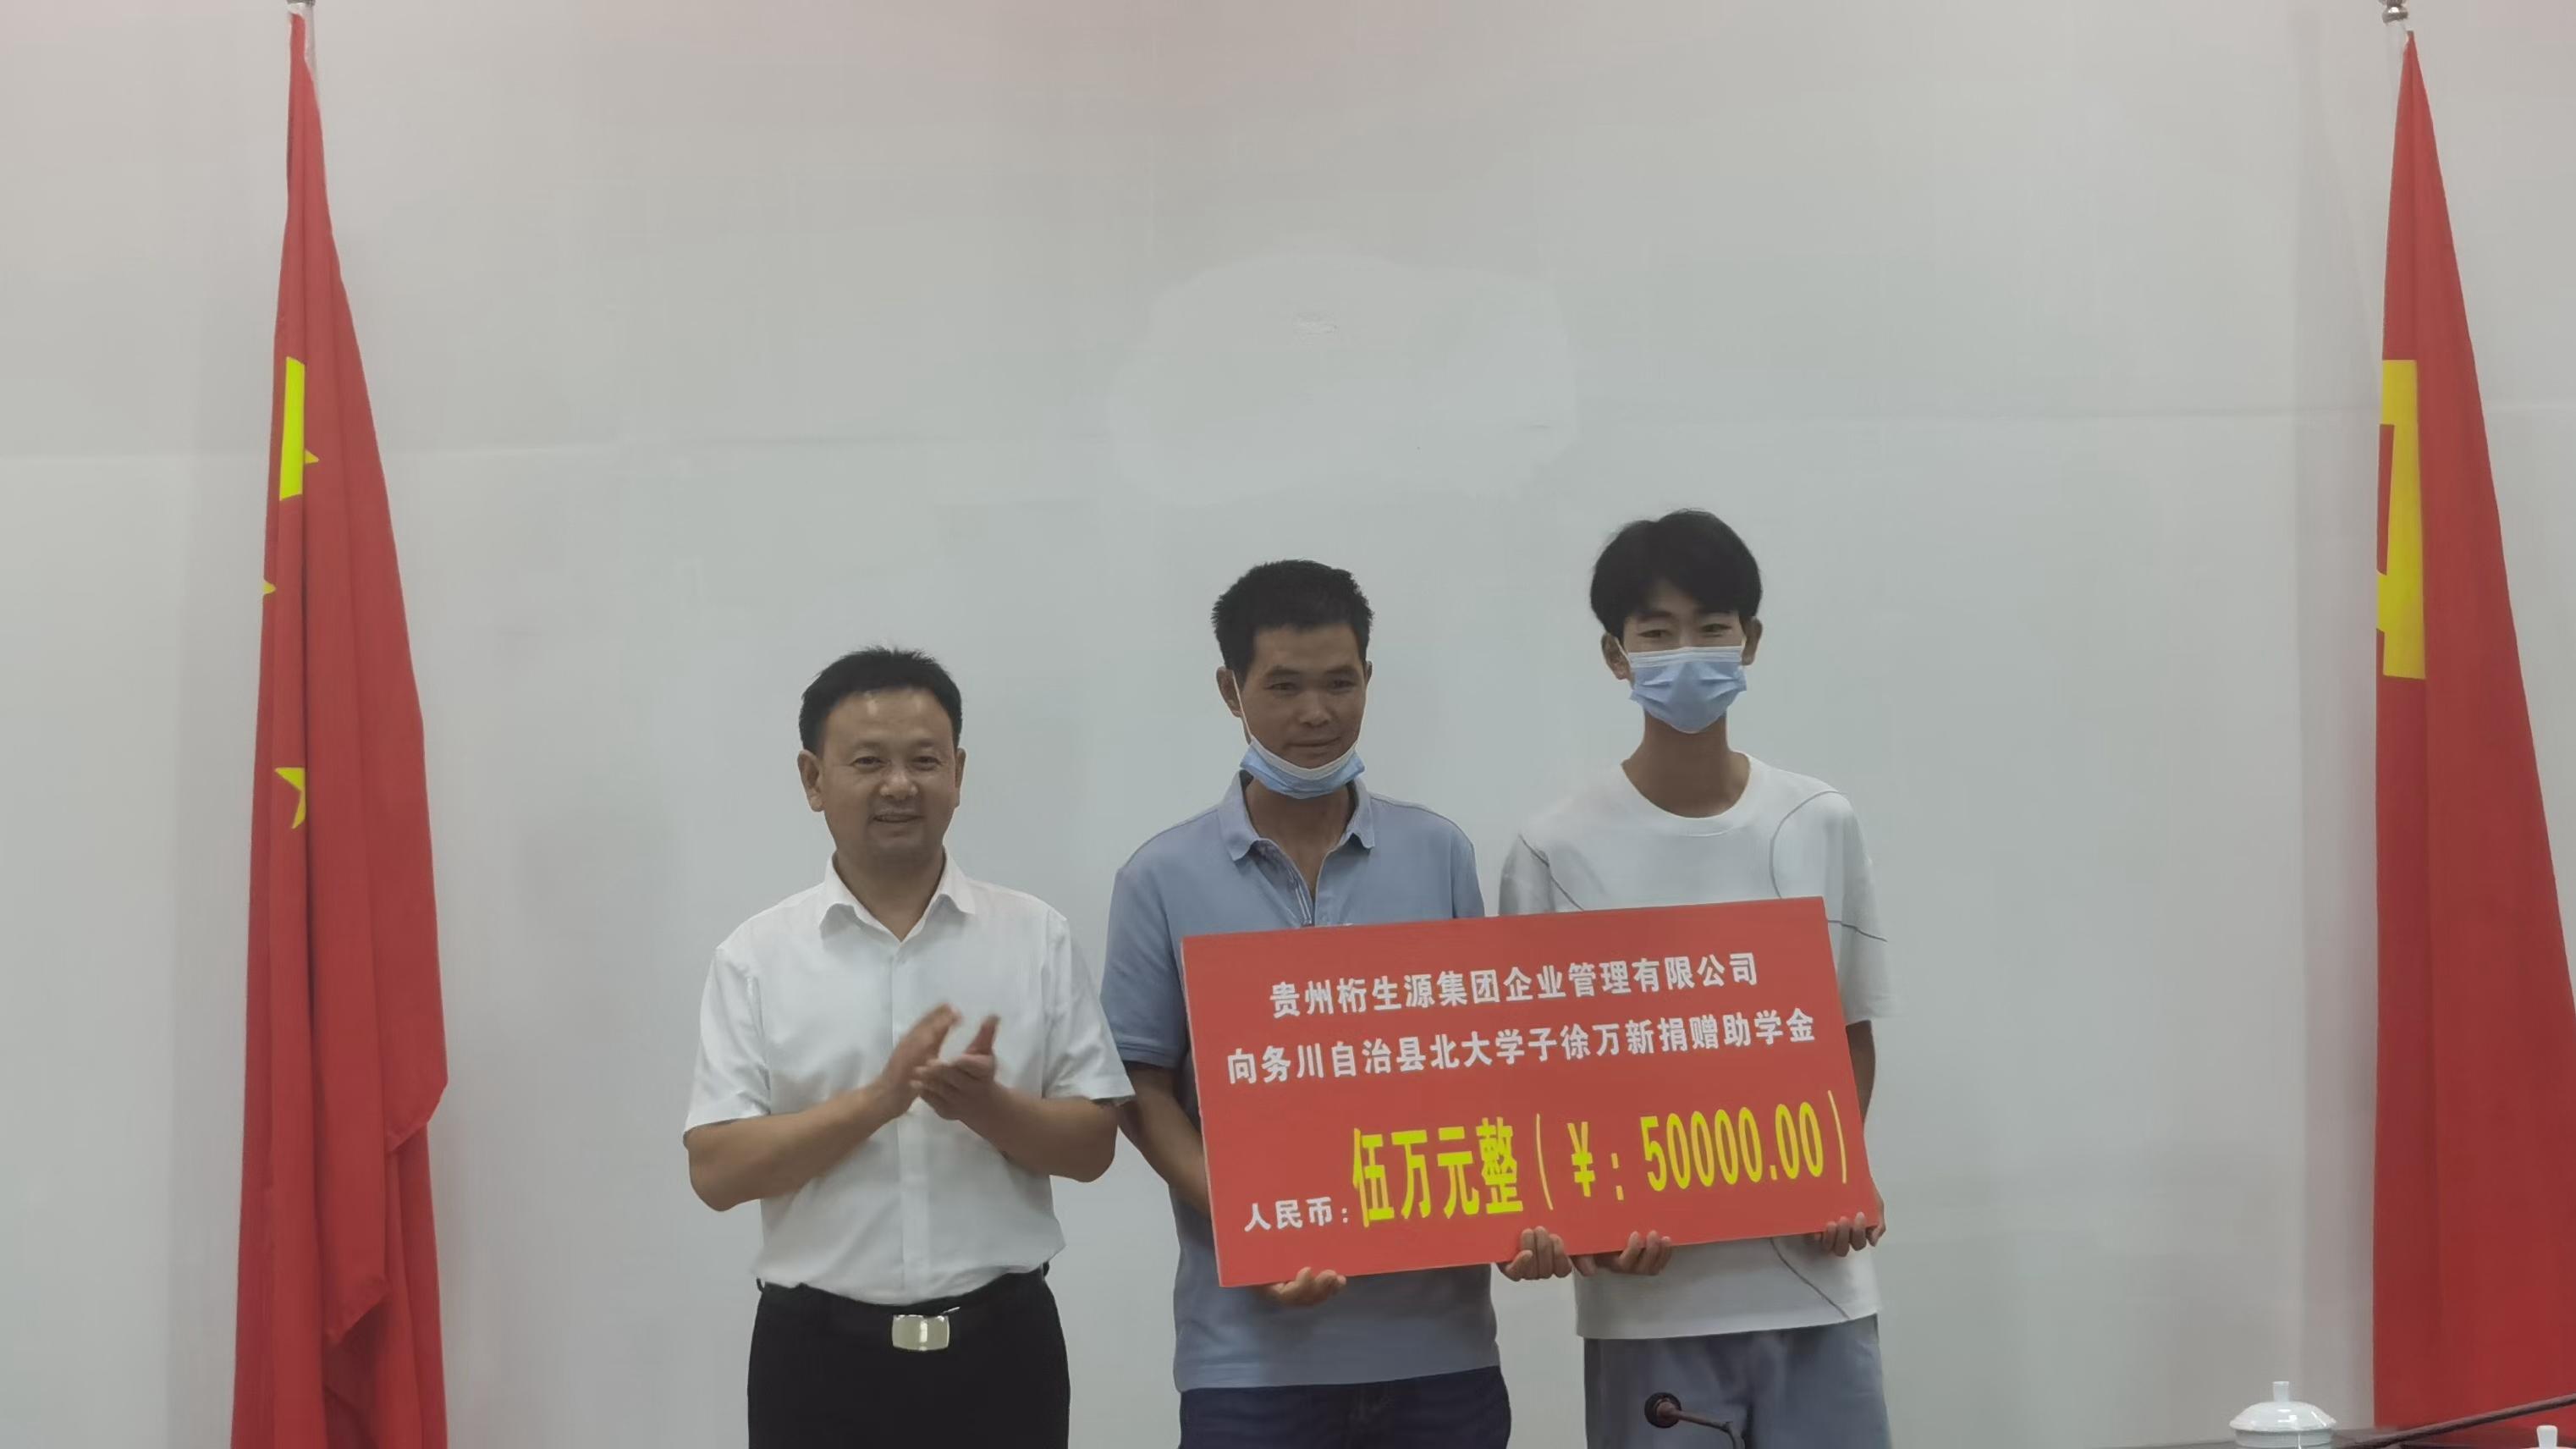 王宁董事长出席贵阳市务川商会助学金发放仪式 签订帮扶协议并捐赠助学金五万元